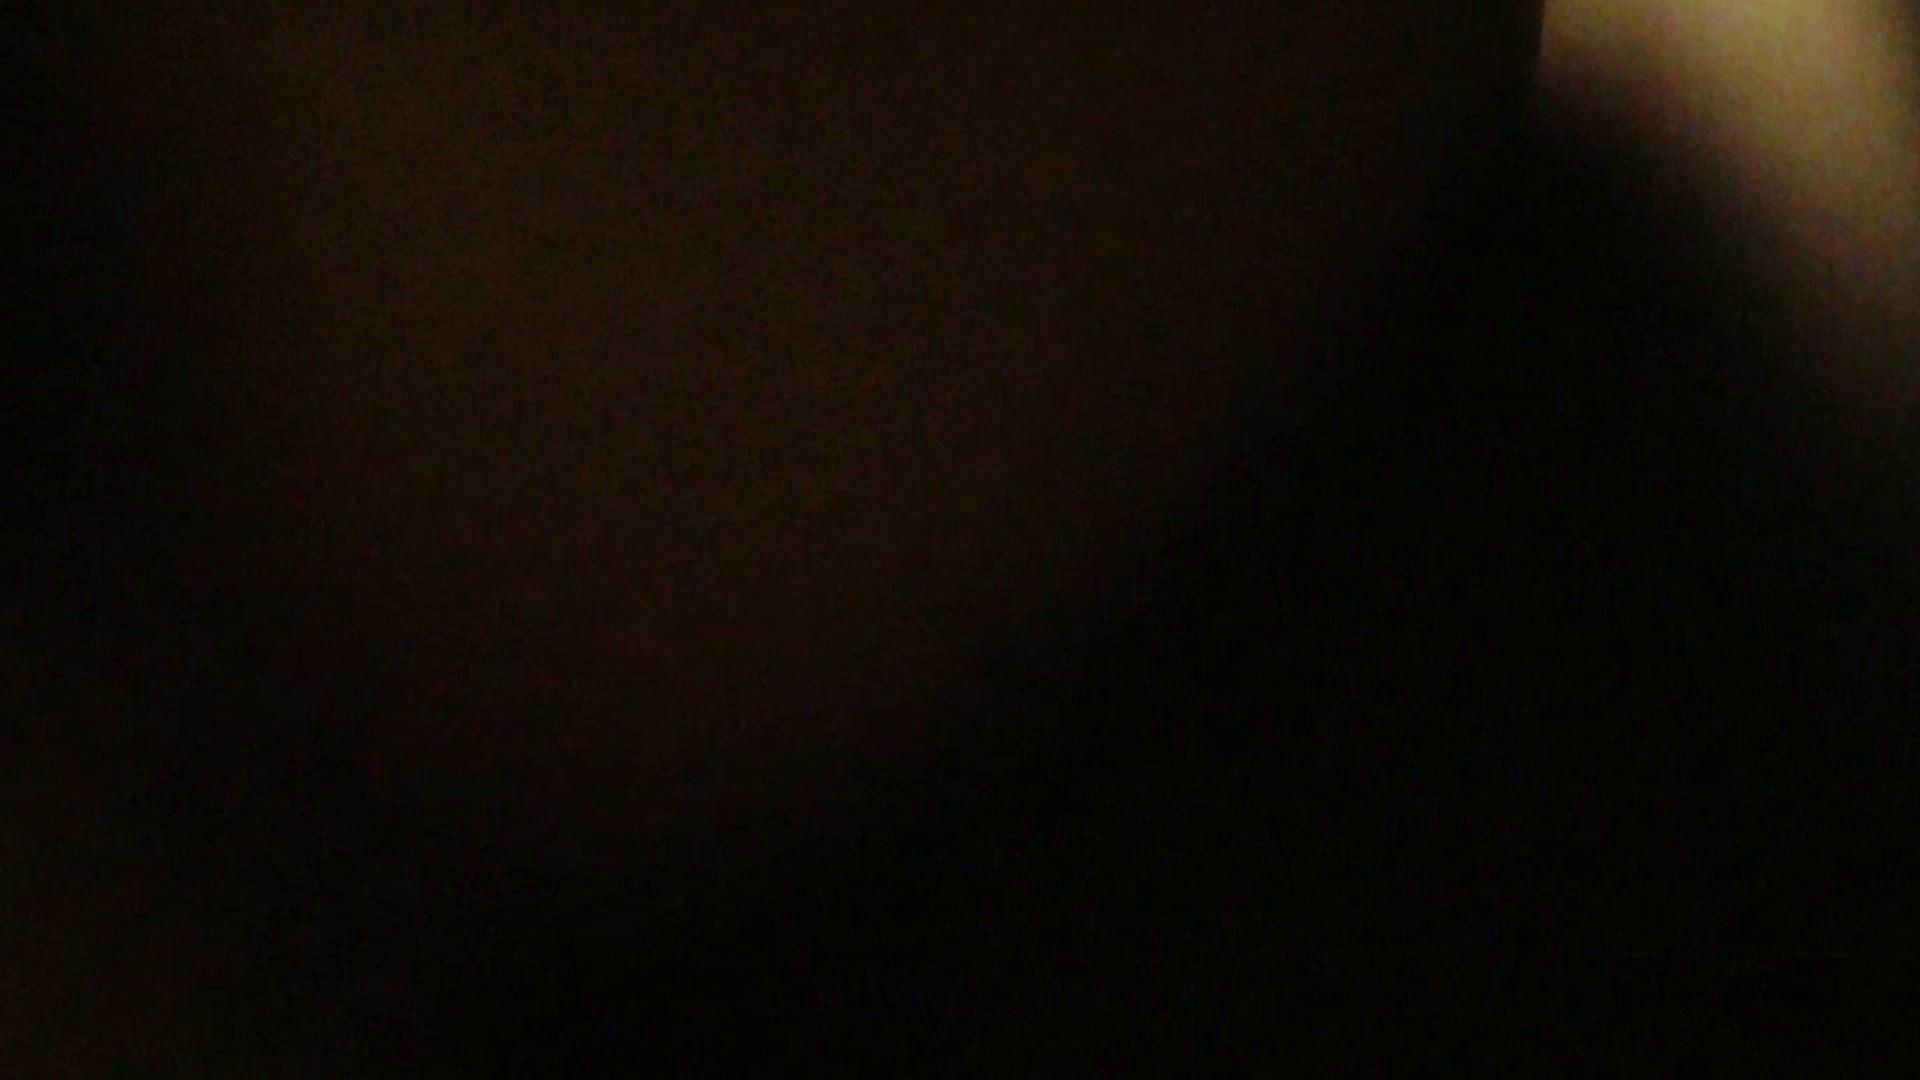 悪戯ネットカフェ Vol13 中編 イジっていたら準備ができたみたいっ! 色っぽいOL達 オメコ無修正動画無料 61pic 52